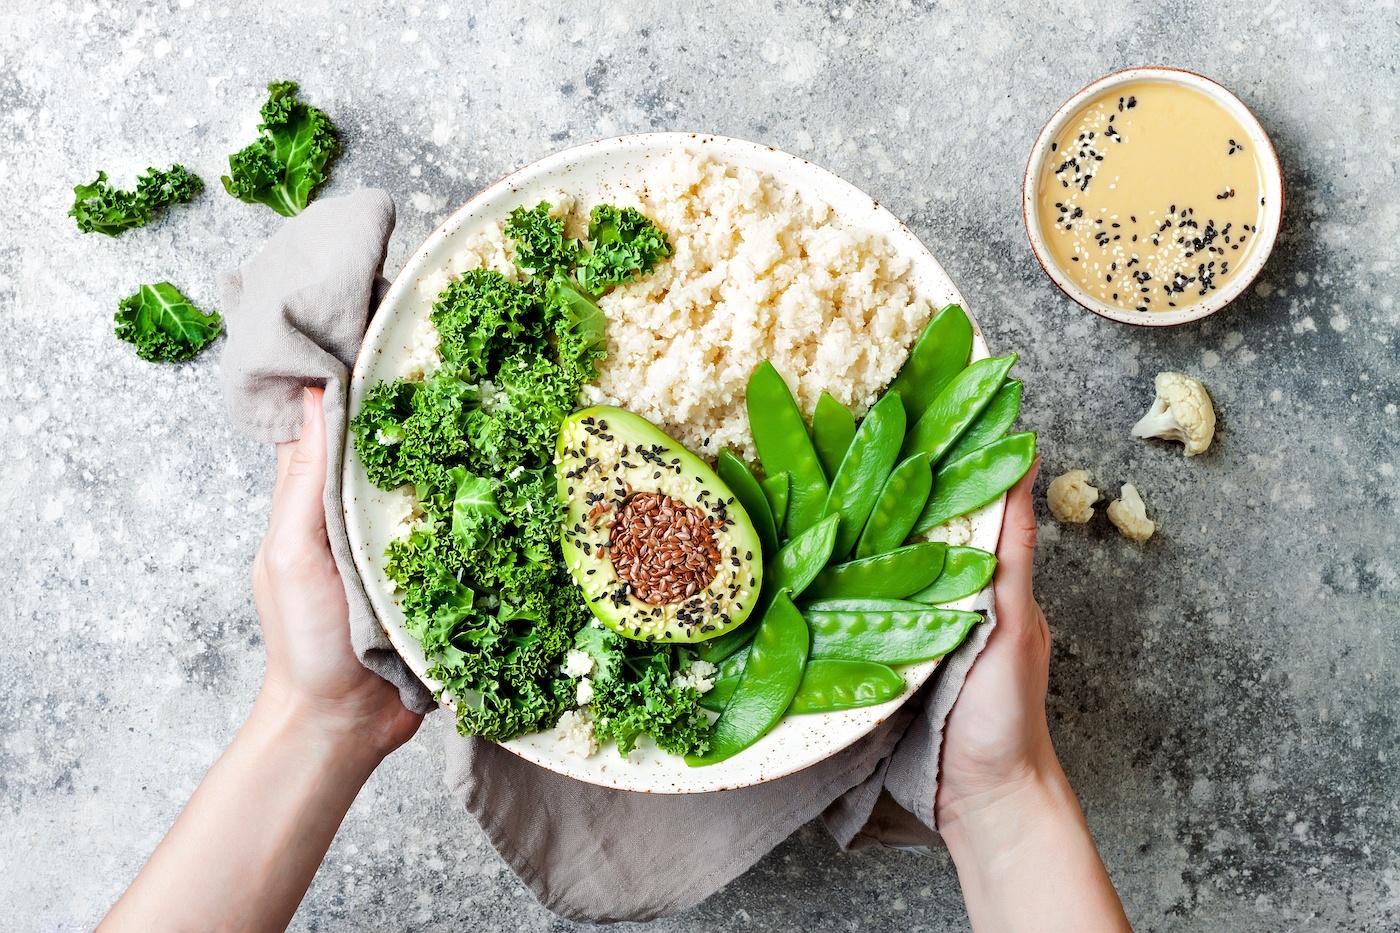 Pola makan kamu kurang baik - Awas! Ini 6 Kebiasaan yang Bisa Melemahkan Sistem Kekebalan Tubuh